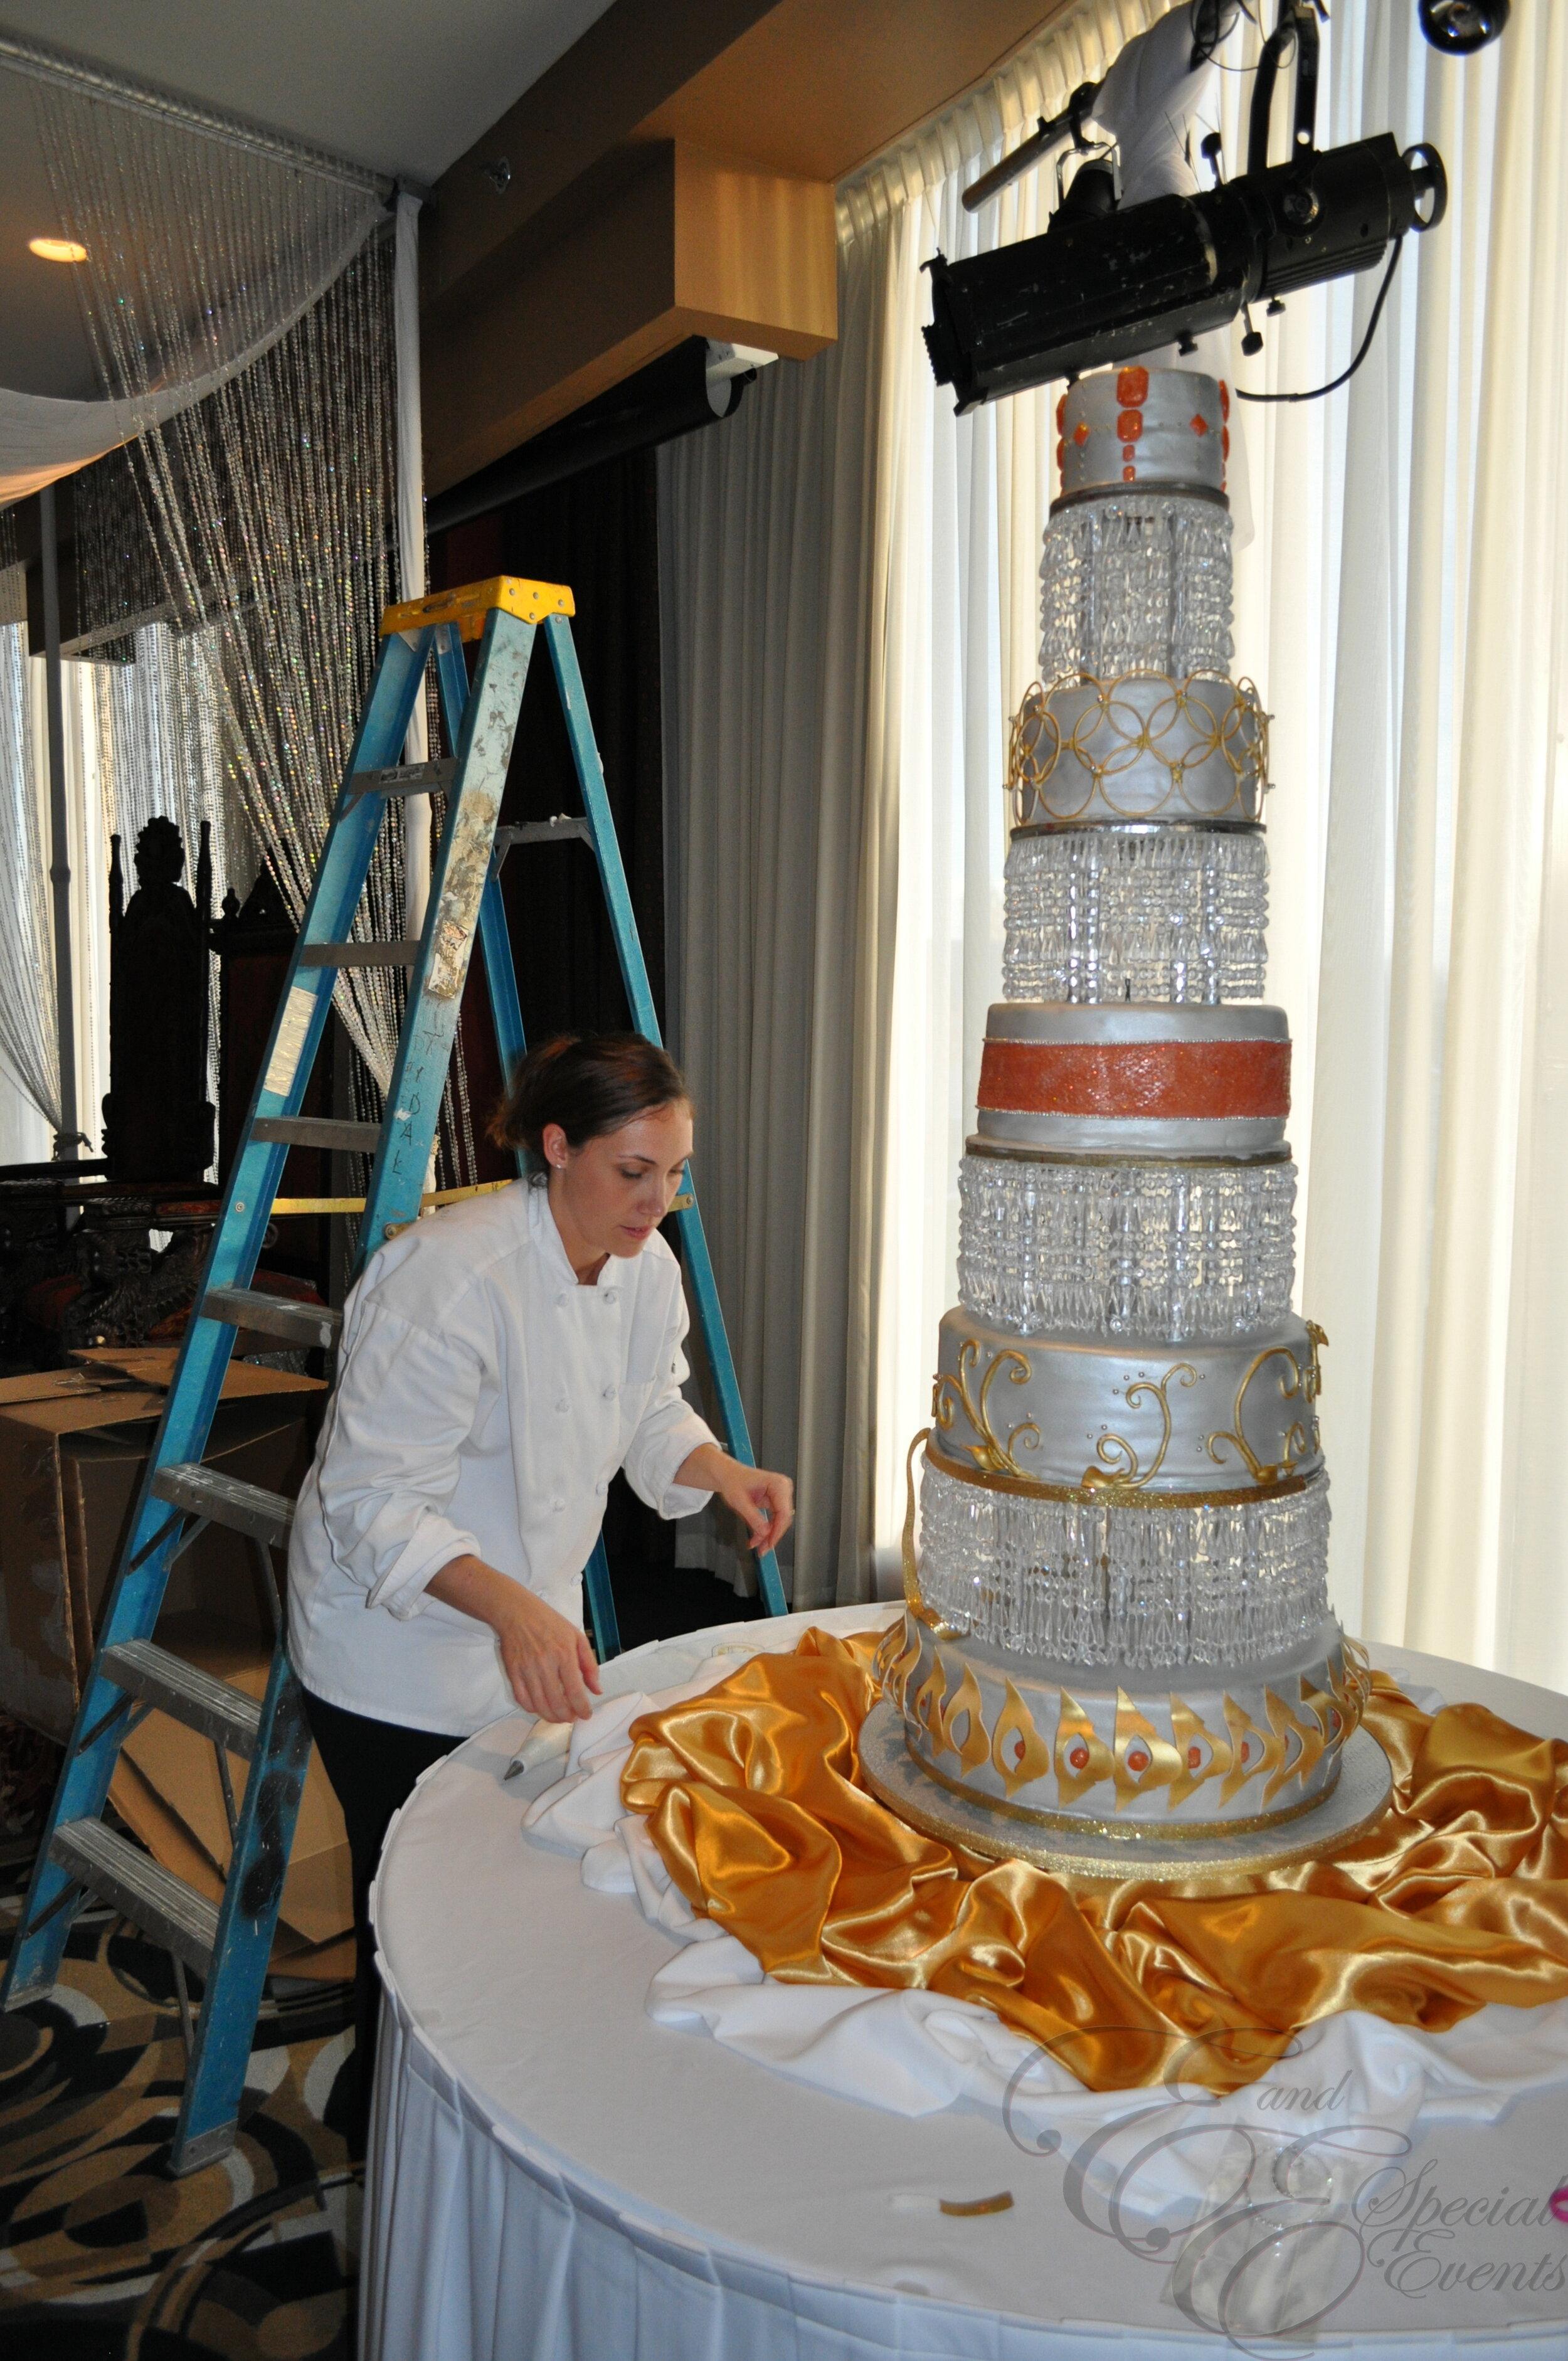 E_E_Special_Events_Wedding_Cakes-DJ-Virginia_Beach_Hampton_Roads2.jpg